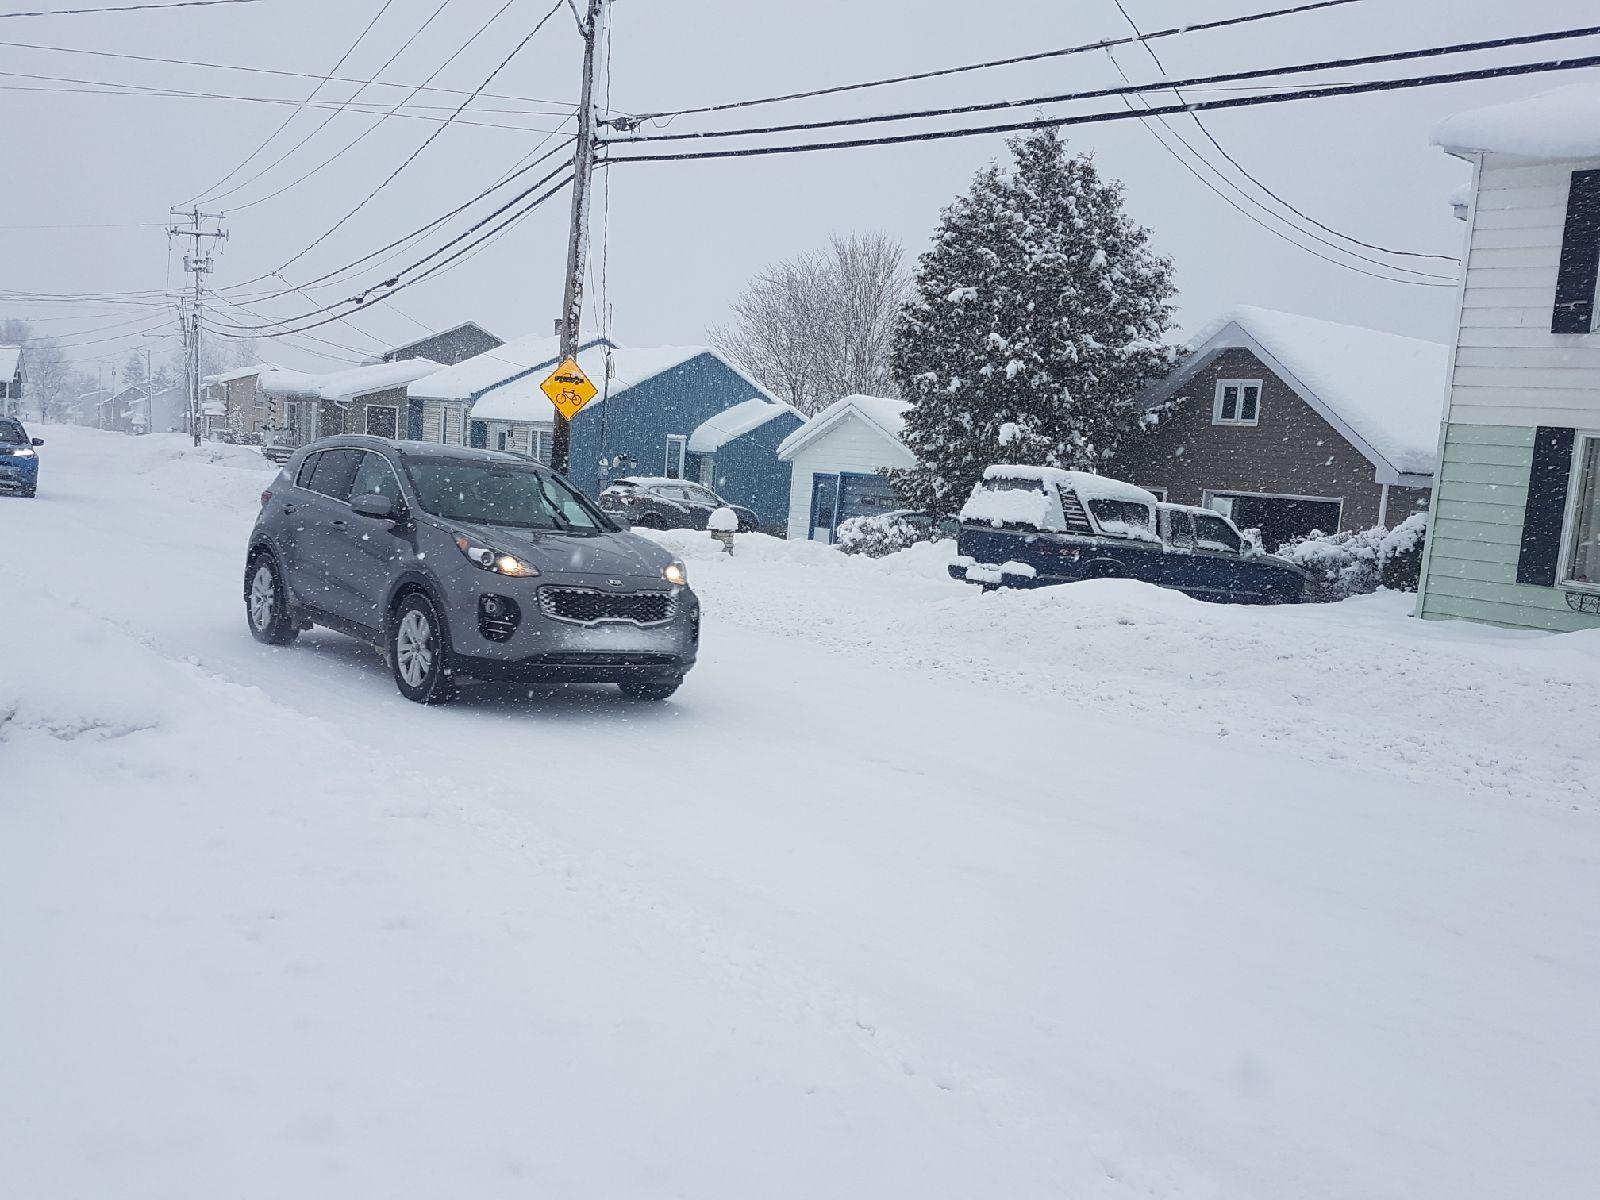 (Mise à jour 11h45) Alerte météo: une accumulation de 50 à 70 cm de neige est attendue